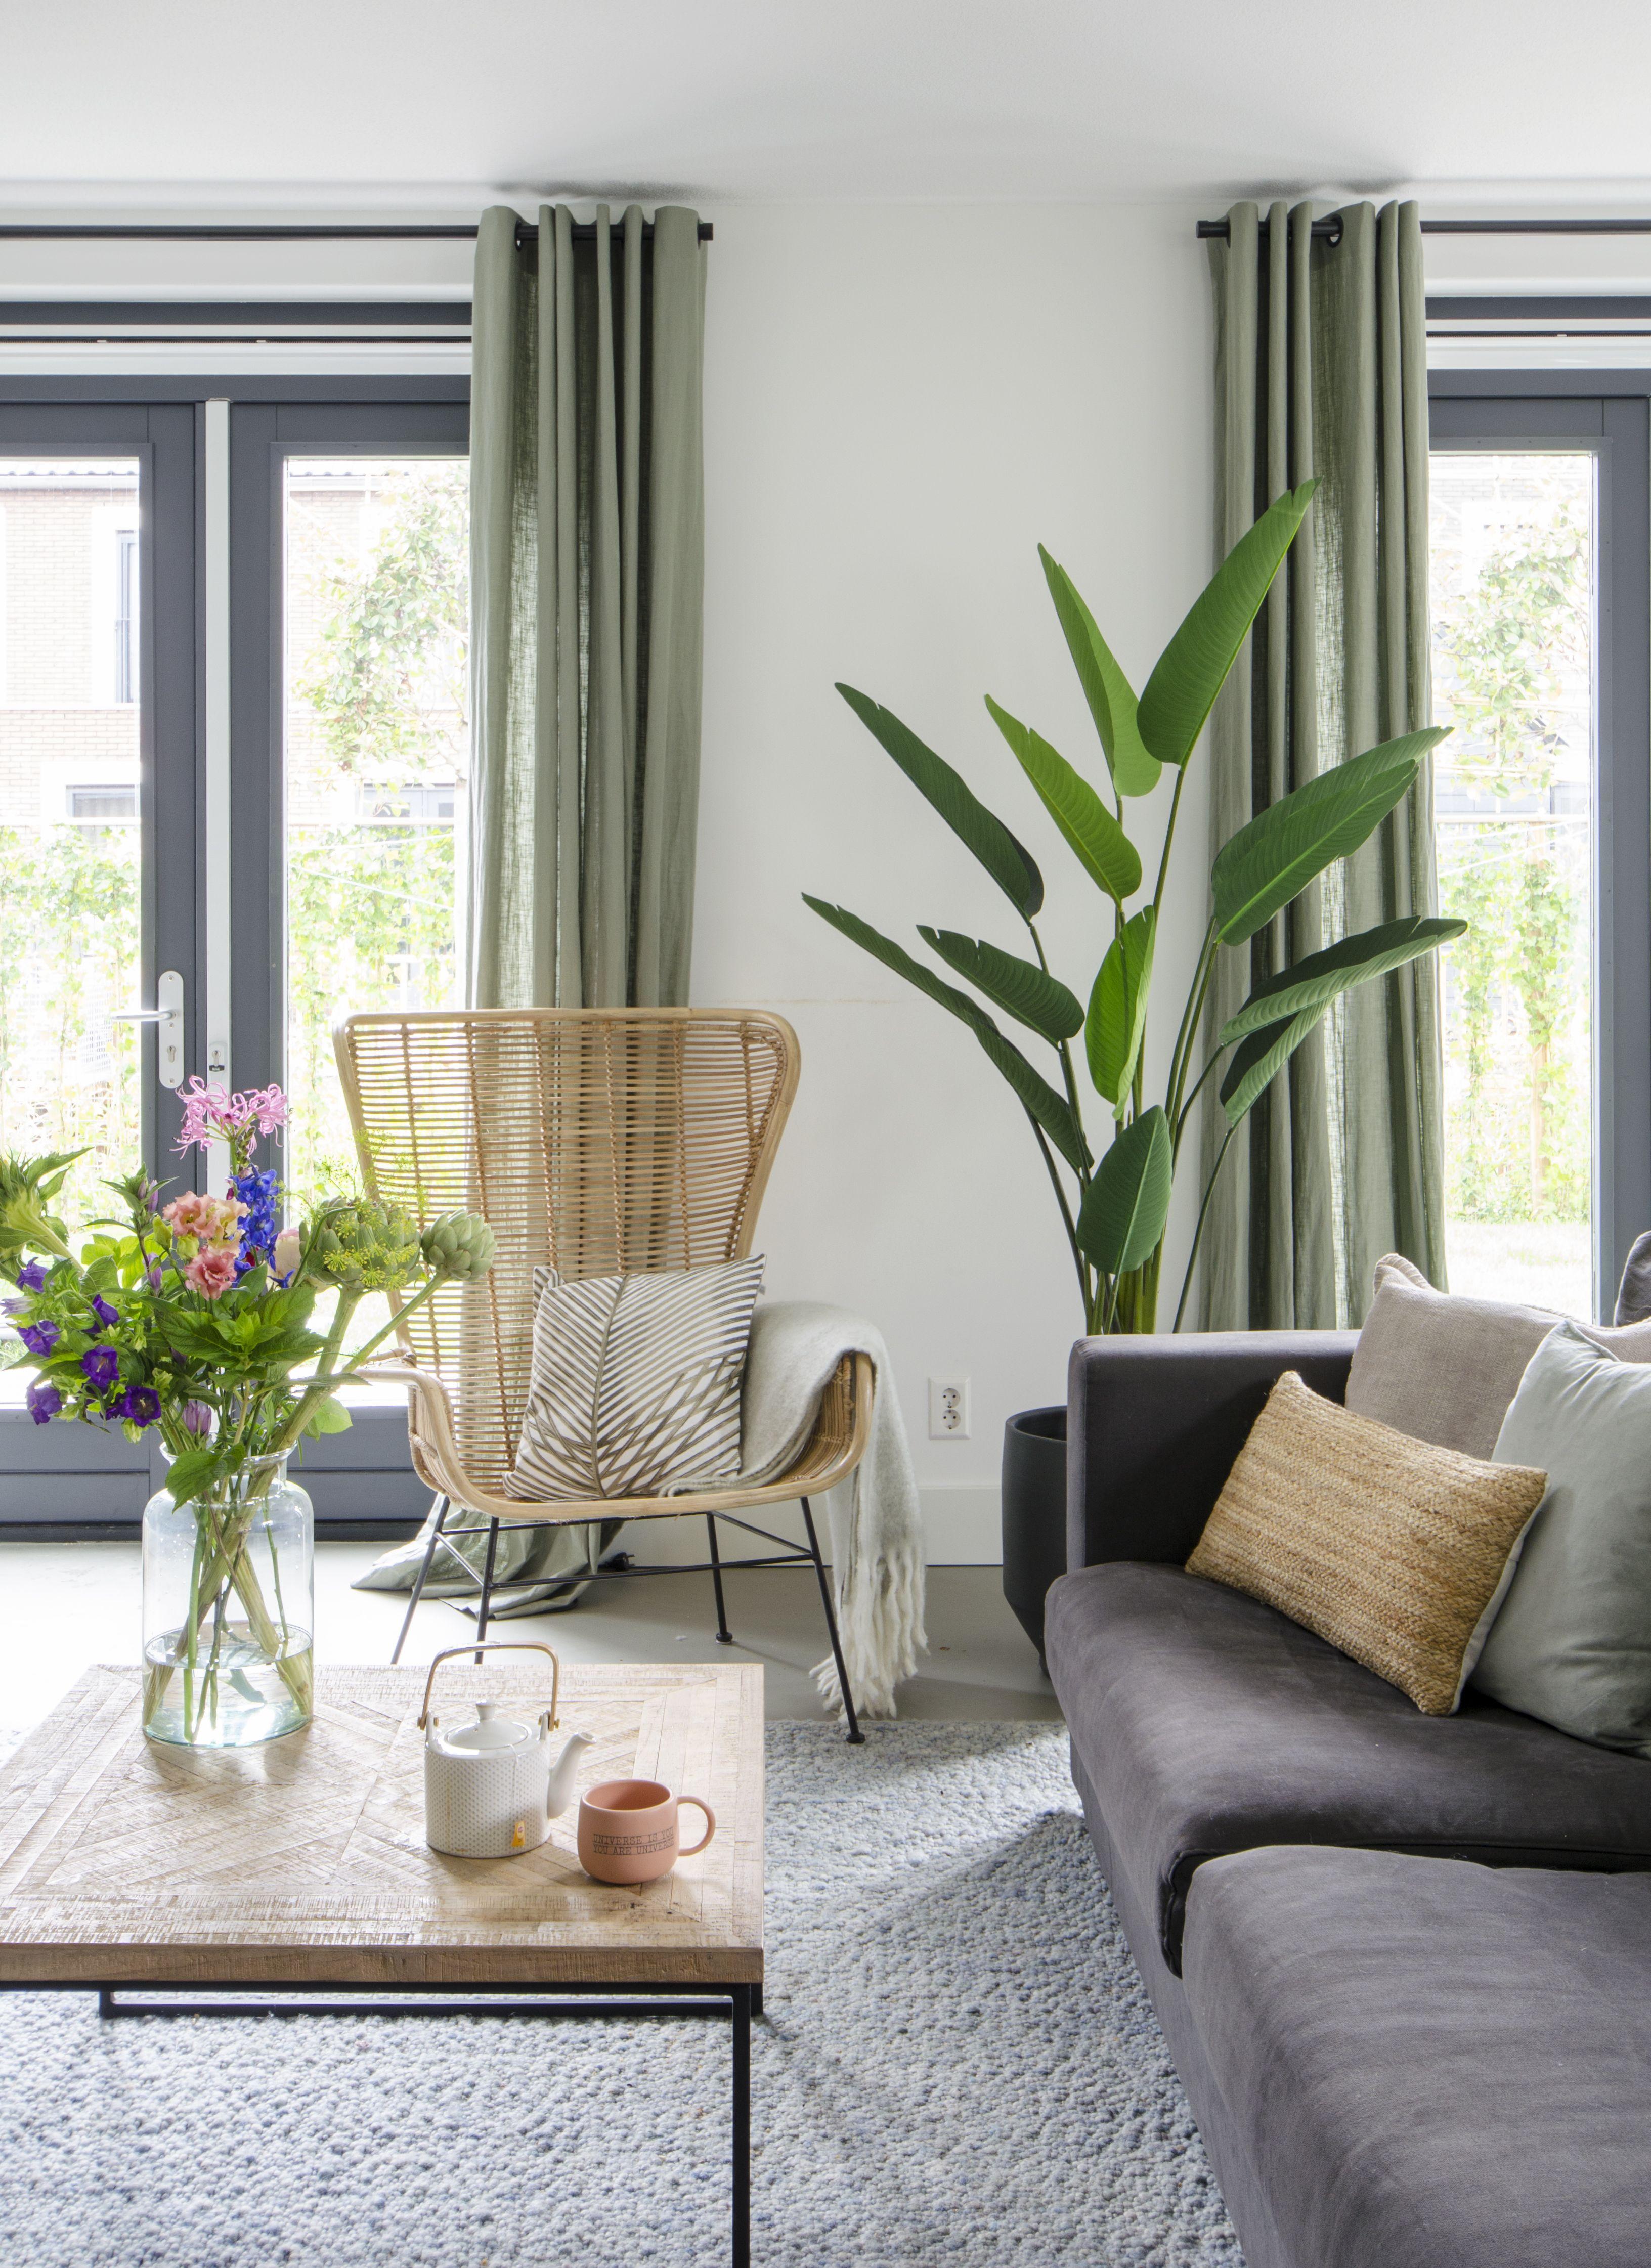 #livingroom #wonen #interiorstyling #interieur #wooninspiratie #pvcvloer #interiordesign #visgraat #pvc | HOME MADE BY_STIJL BINNENKIJKER | TAPIJT | WOONKAMER | INSPIRATIE | SFEERVOL | INTERIEUR TRENDS | TIJDLOOS | STOEL | BANK | TAFELTJES | LAMP | GORDIJNEN | PLANTEN | GROEN #woonkamerinspiratie